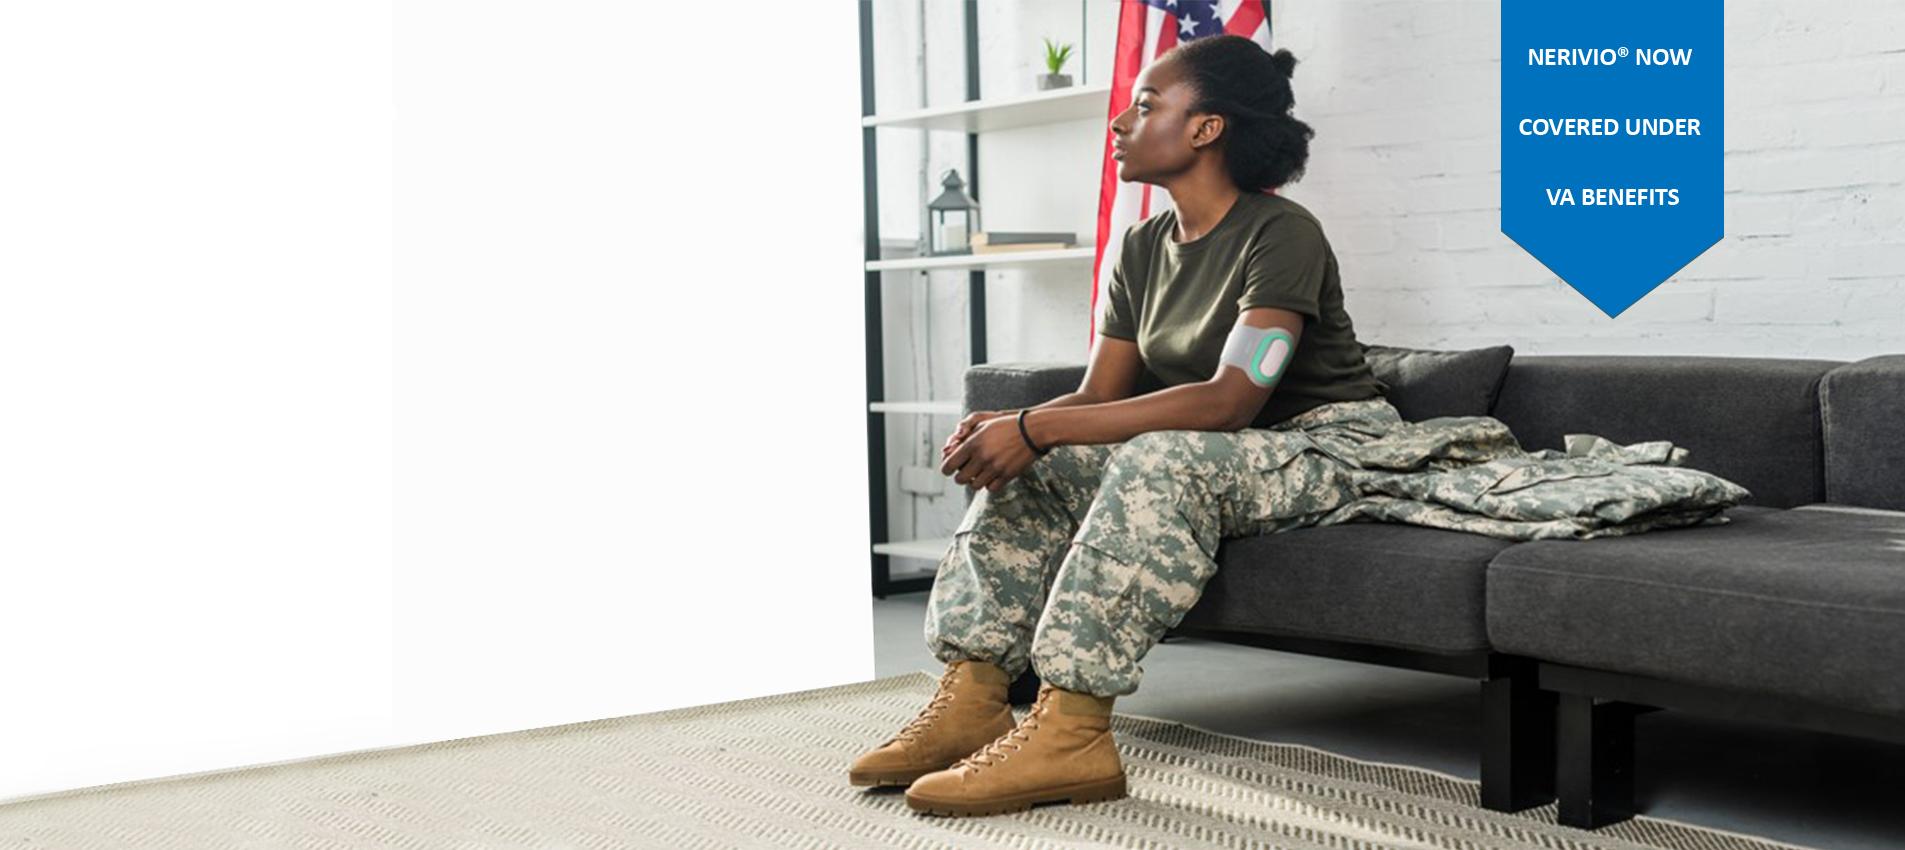 woman veteran using Nerivio